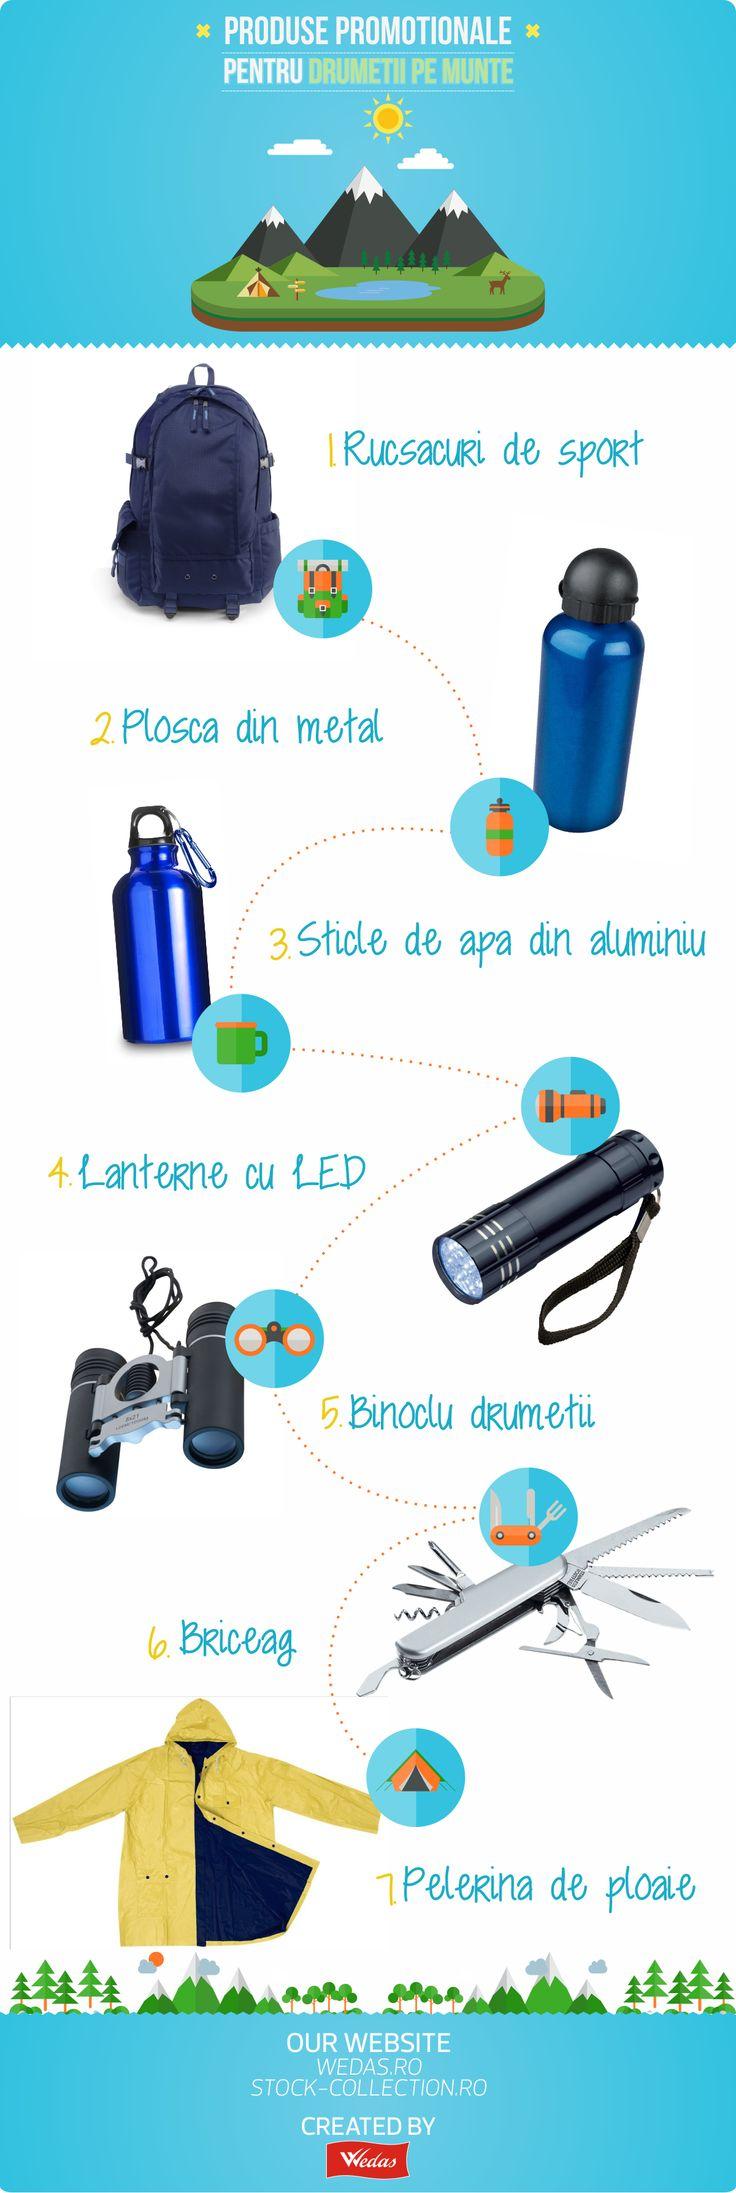 O drumetie pe munte incepe cu un echipament adecvat. Iata recomandarile noastre de accesorii pentru drumetie si camping, atat pentru vara, cat si pentru iarna.